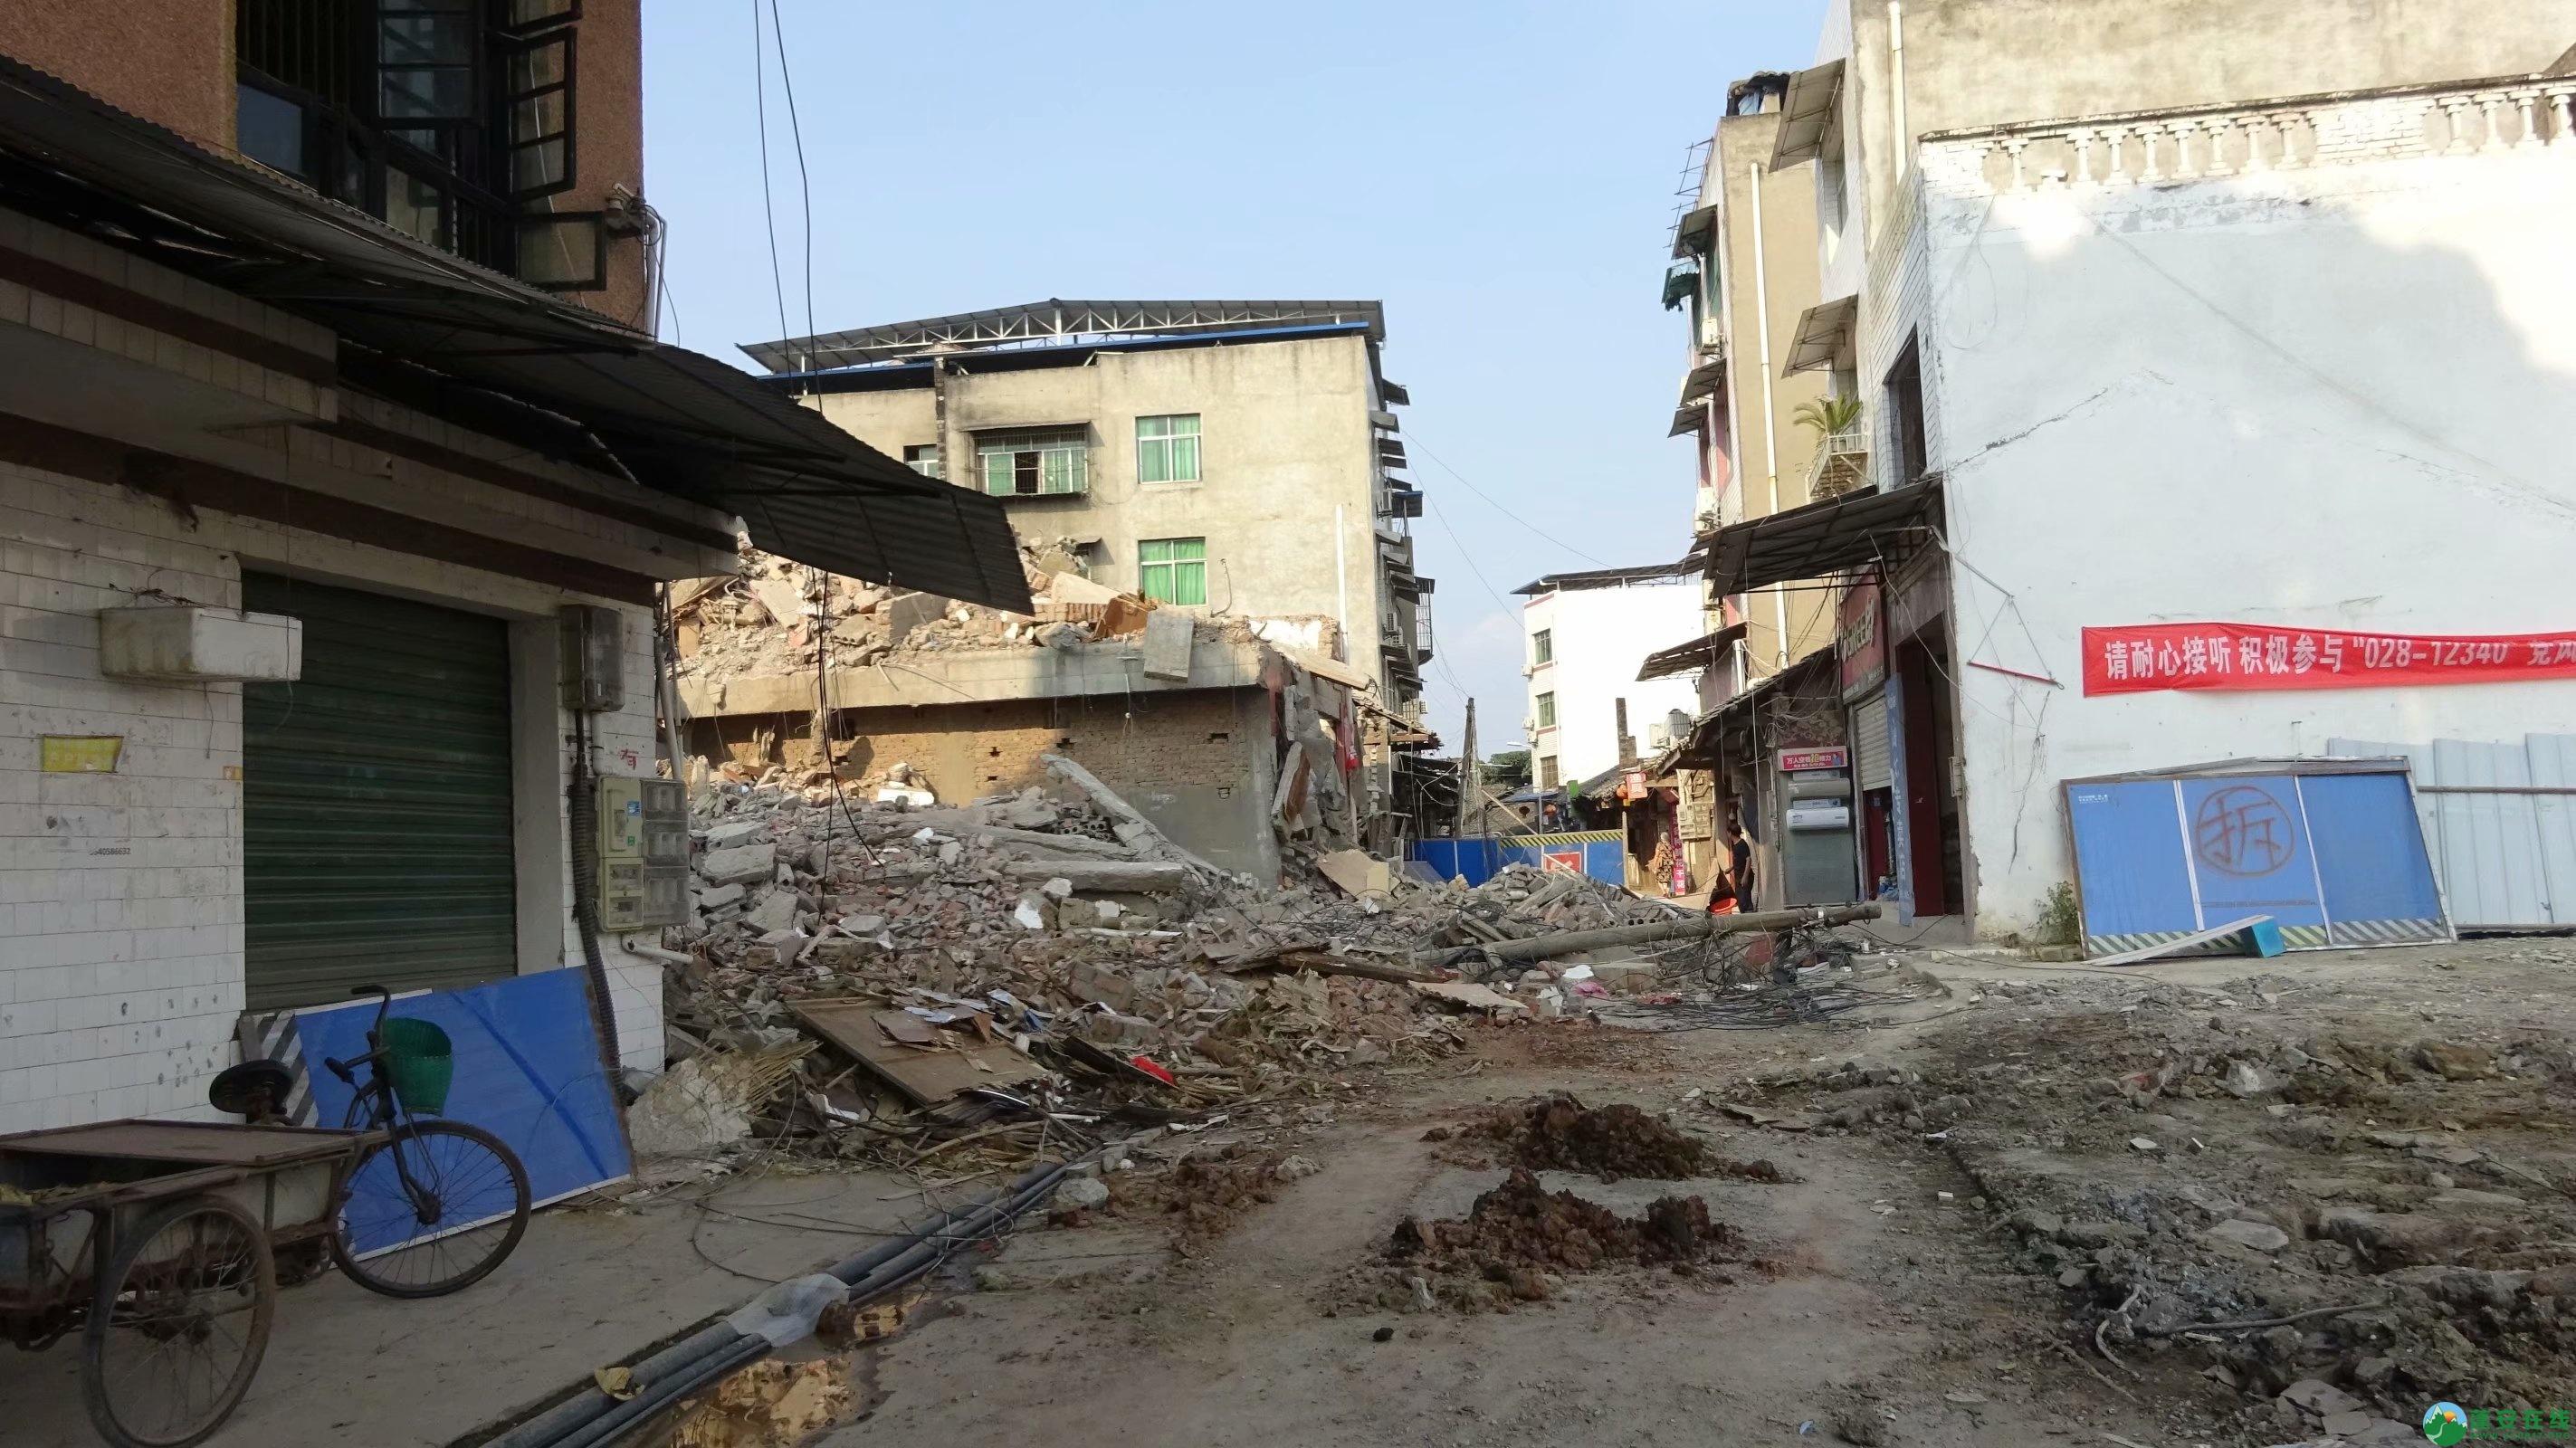 蓬安锦屏相如故城建设迅猛 - 第24张  | 蓬安在线